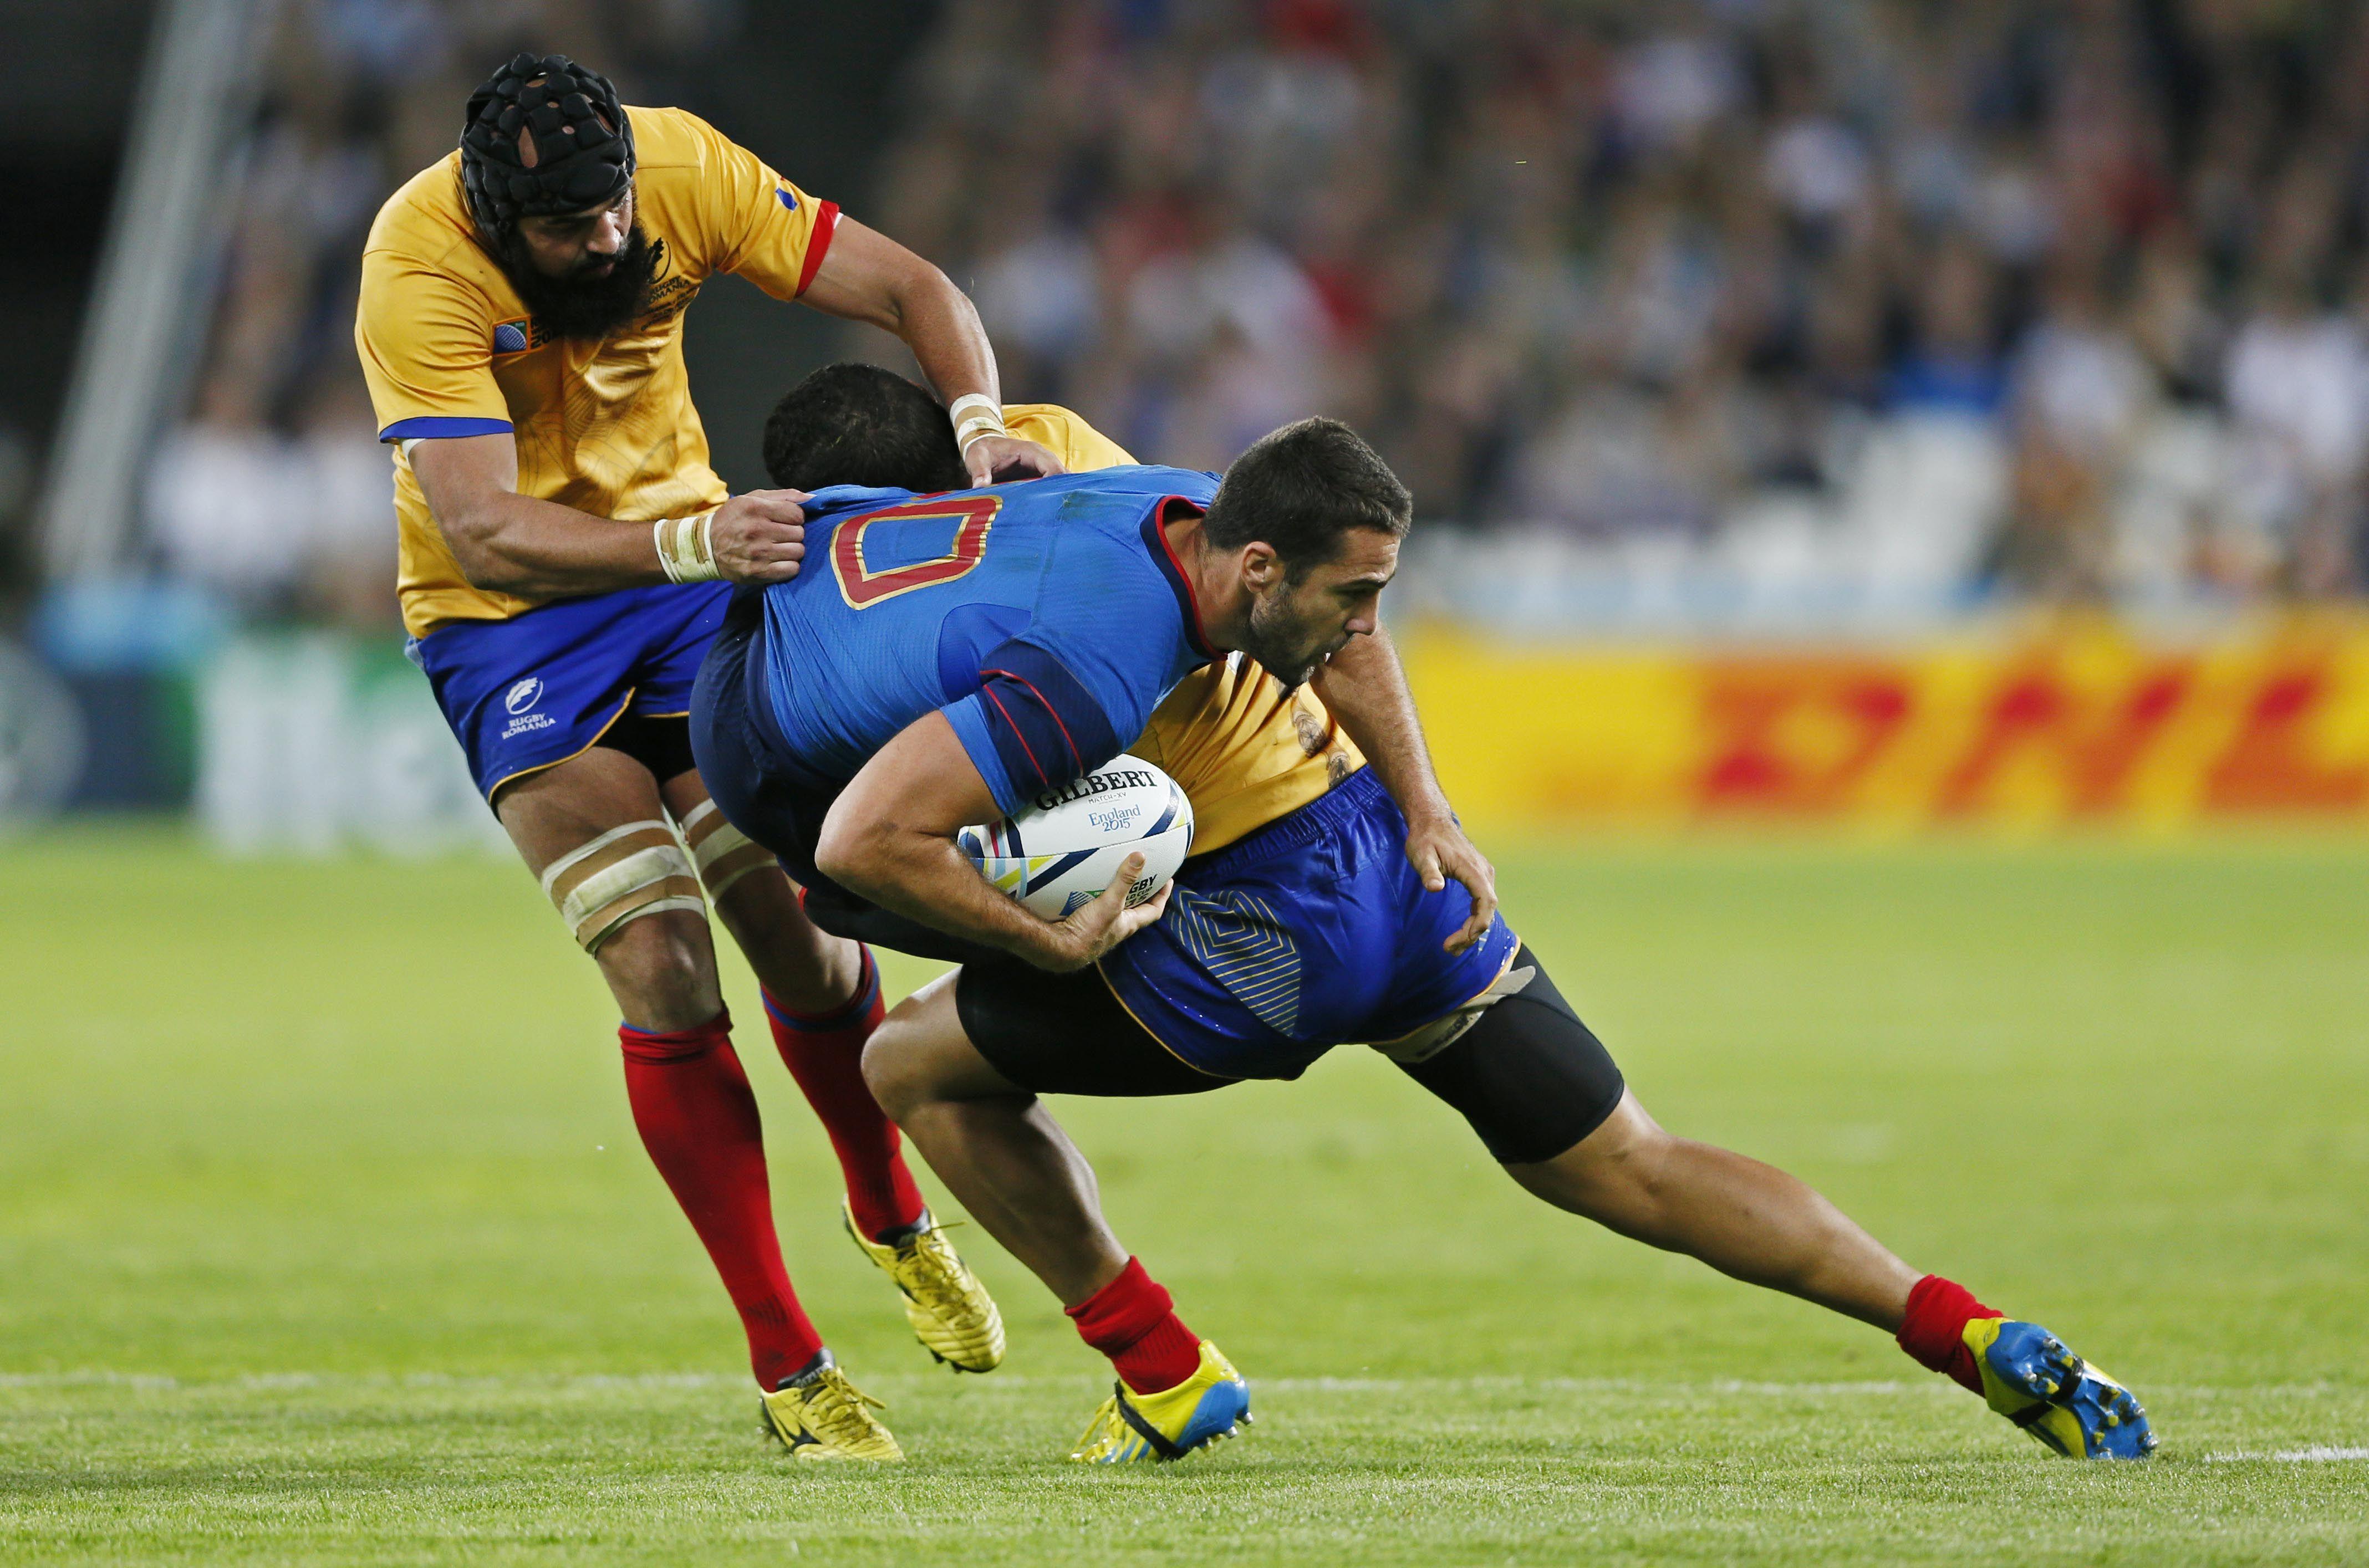 Revivez france roumanie coupe du monde 2015 rugby - Resultats coupe du monde de rugby 2015 ...